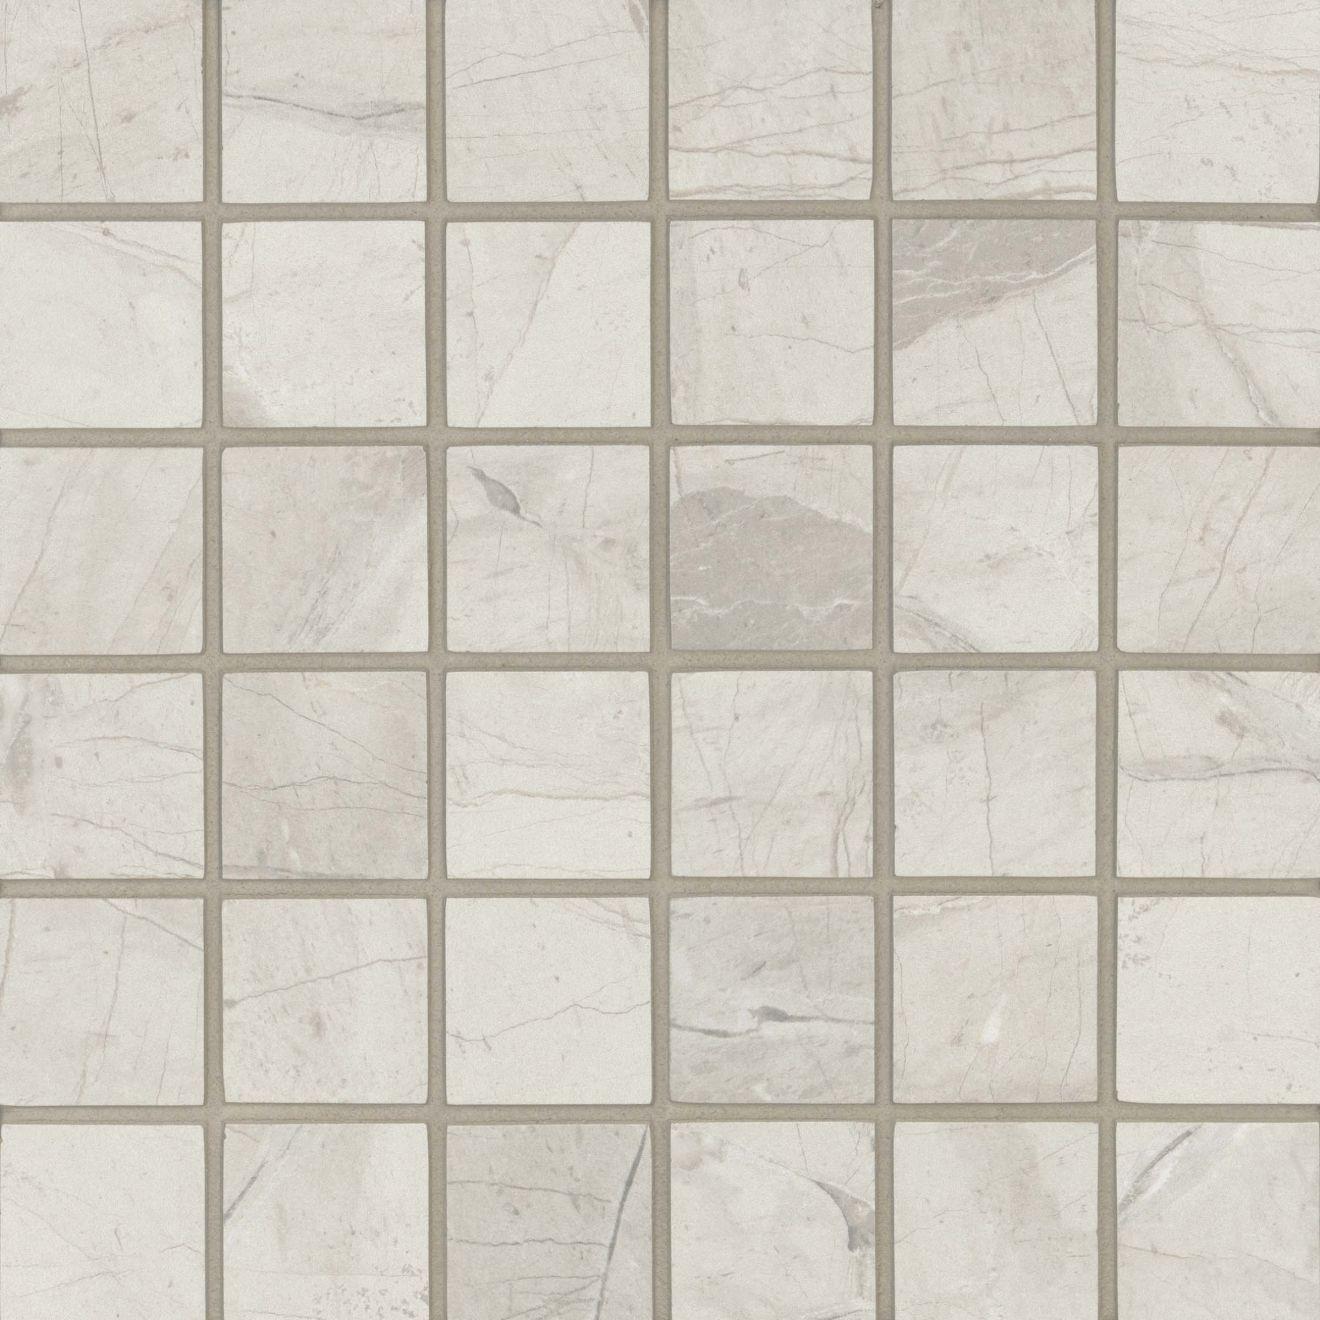 Tesoro Wall Mosaic in Beige